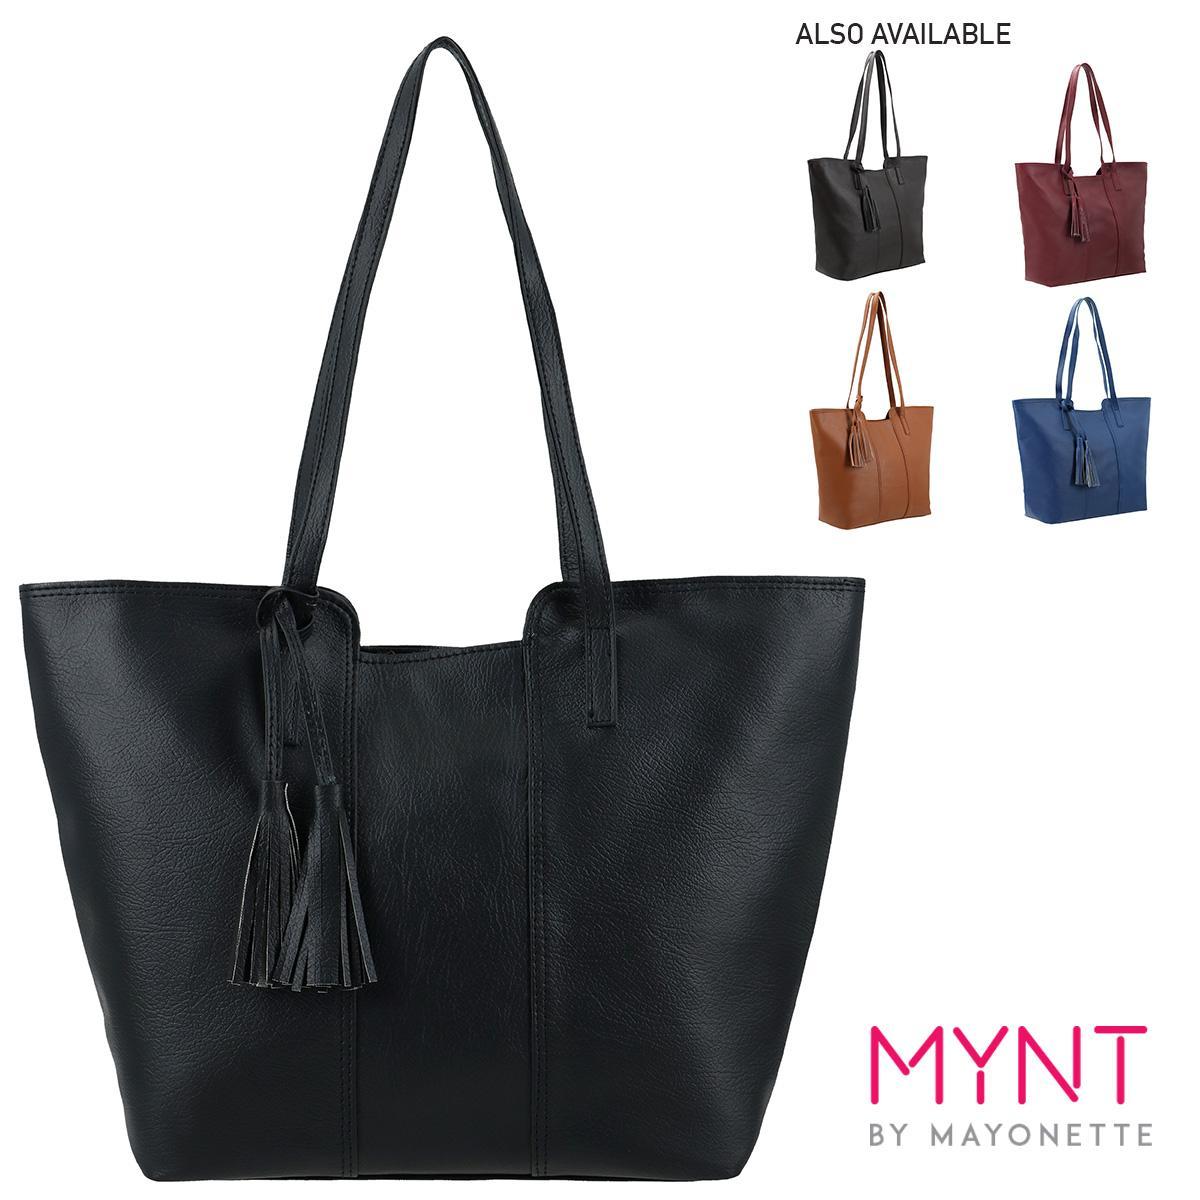 MYNT by Mayonette - Tas Bahu Wanita Korean Style Totes Best Seller Women Bags - Amanda Totes